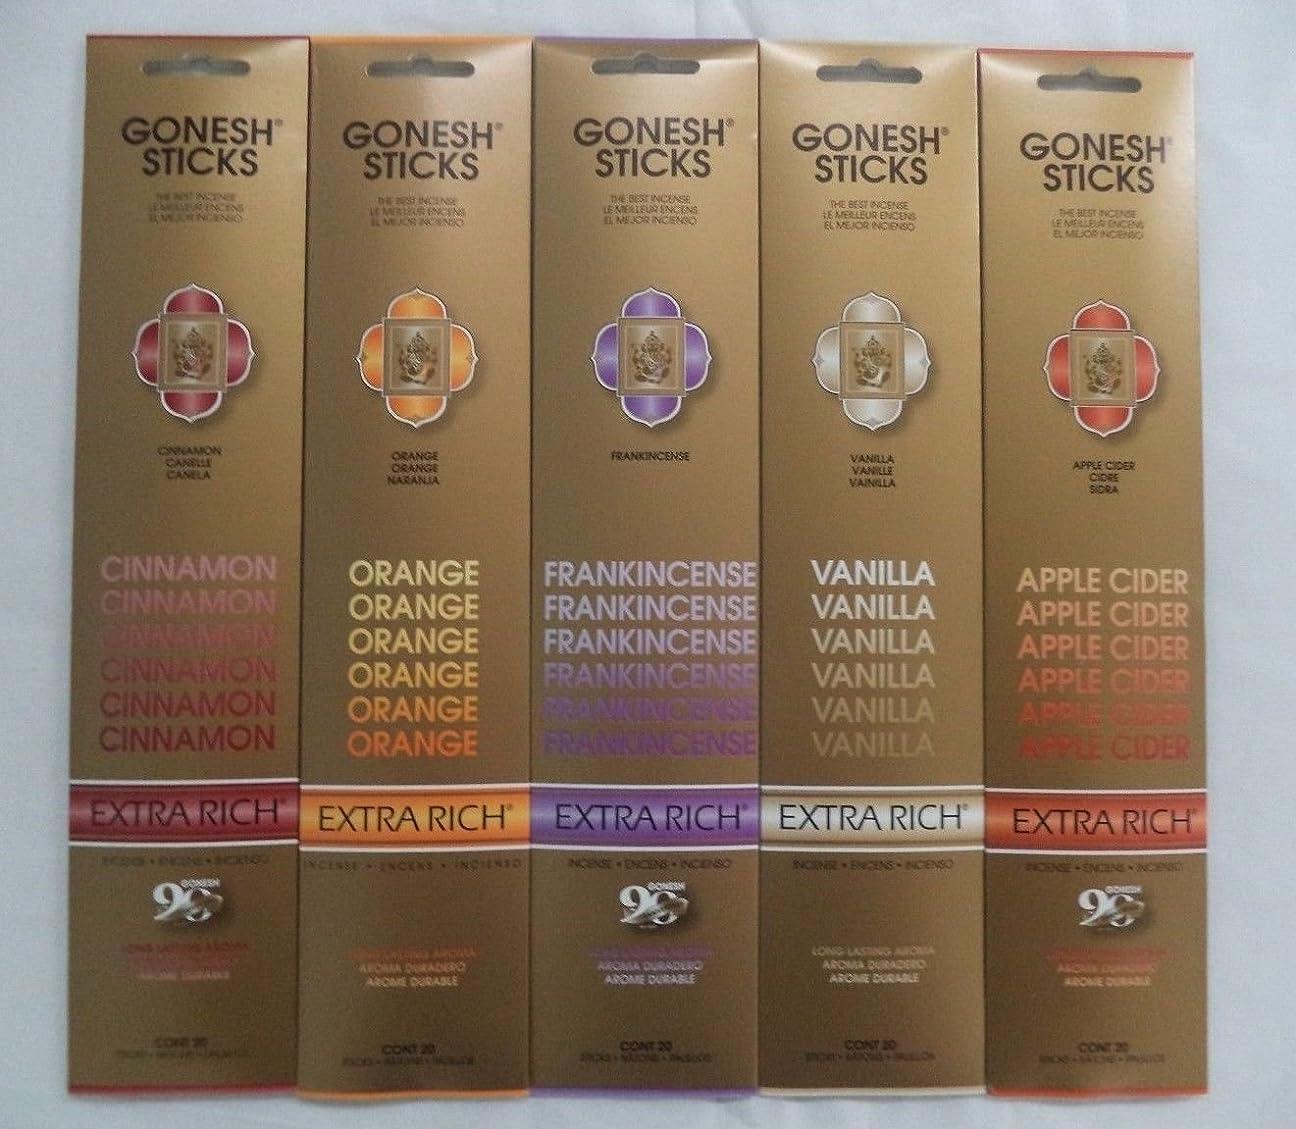 インタフェースブランク機関Gonesh IncenseクリスマスHoliday Best Seller Variety Set # 1?5?x 20?= 100?Sticks